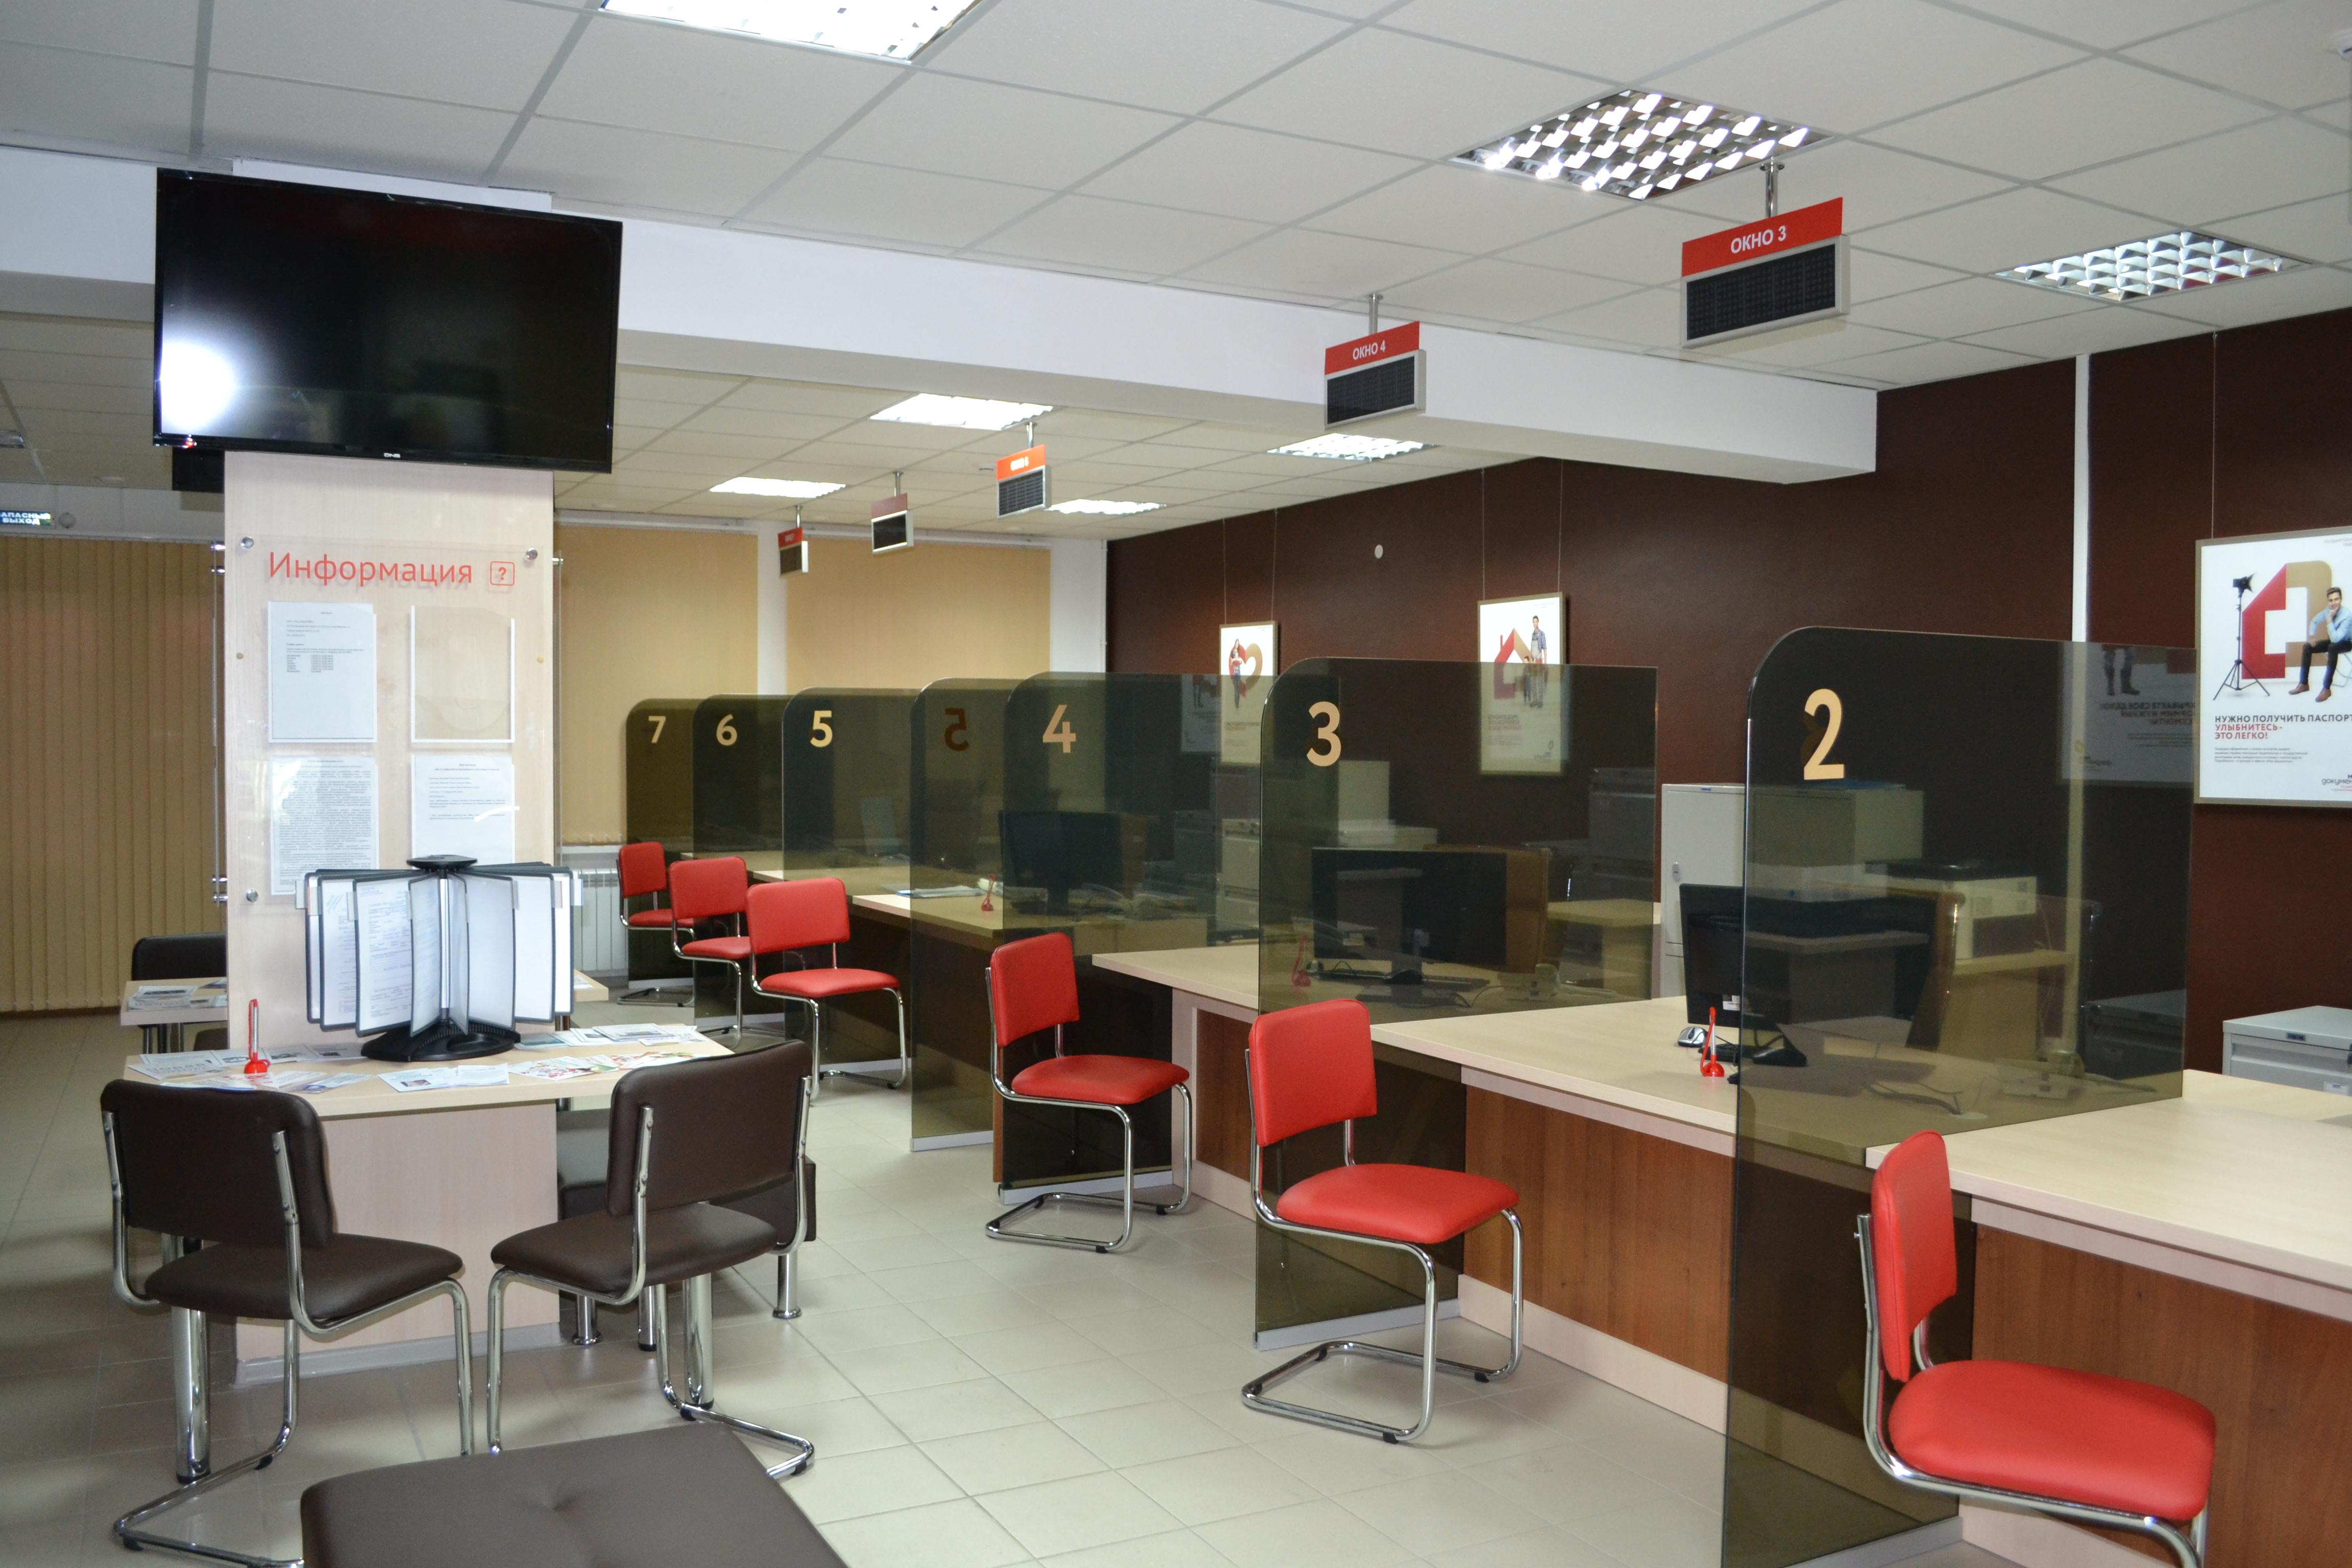 Кировчане могут получить ИНН в офисах МФЦ.